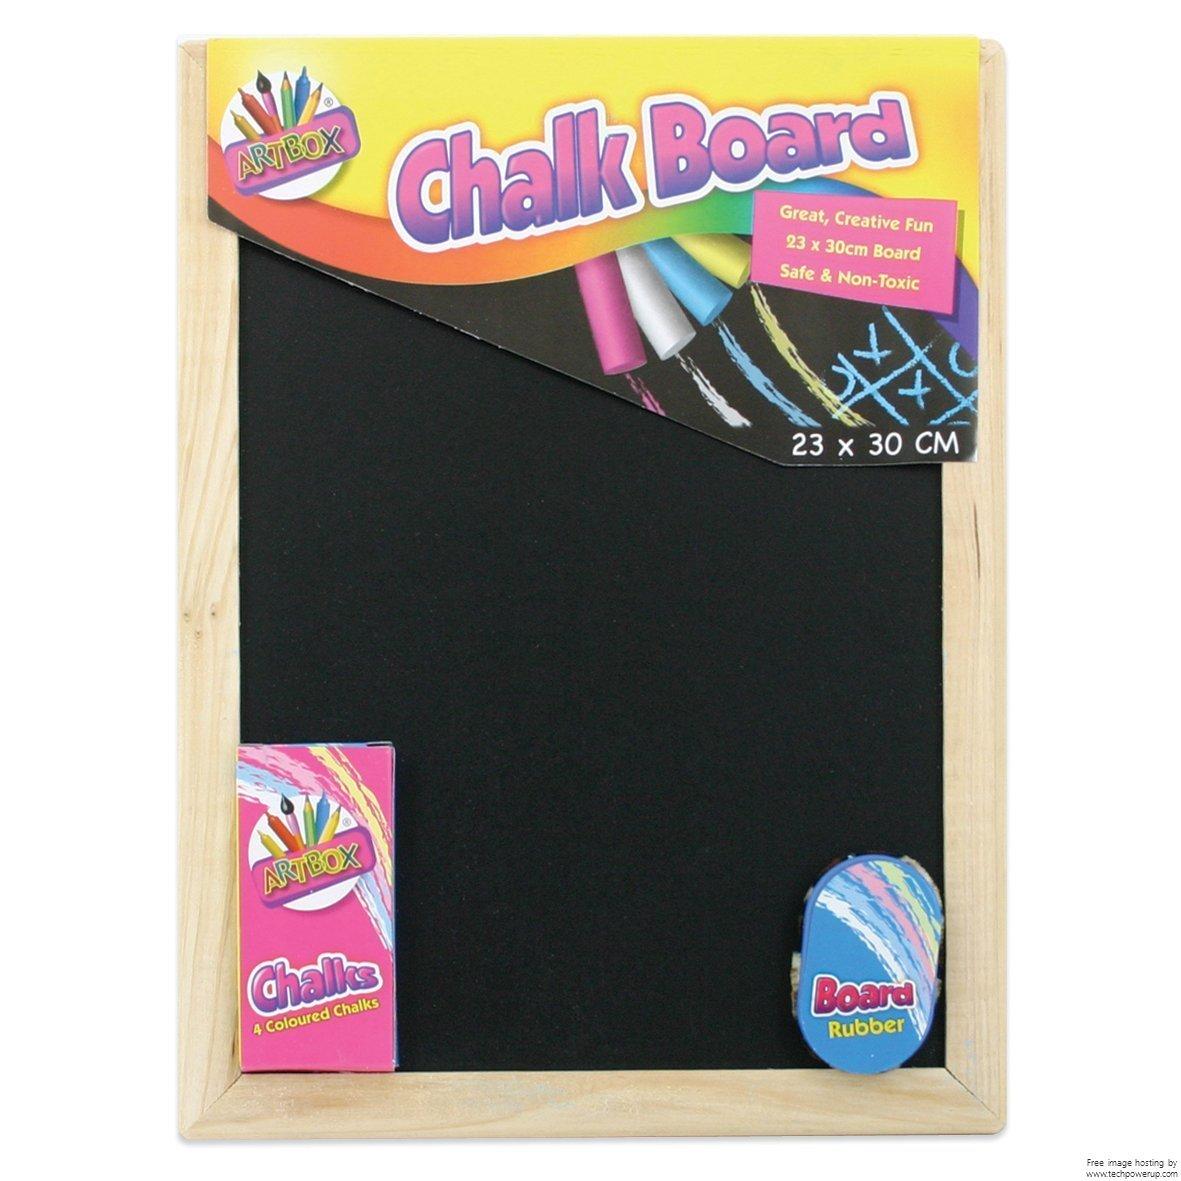 Artbox 23x30cm Chalk Board Set Tallon International Ltd 5249